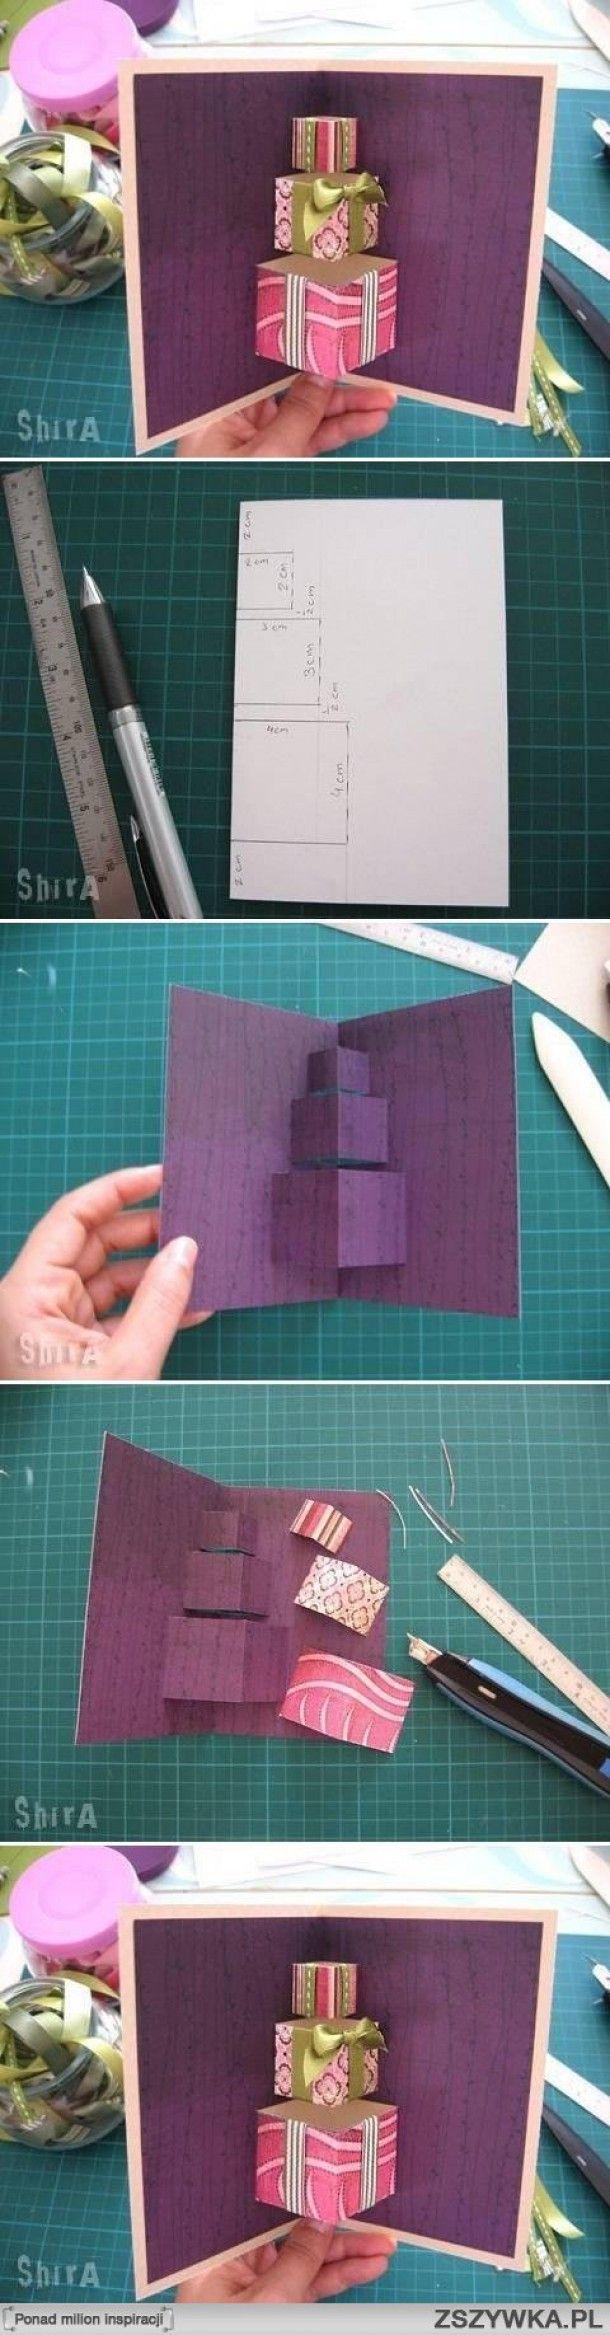 Leuk-idee-om-zelf-een-pop-up-wenskaart-te-maken.1376769780-van-Lime.jpeg 610×2 335 pixels